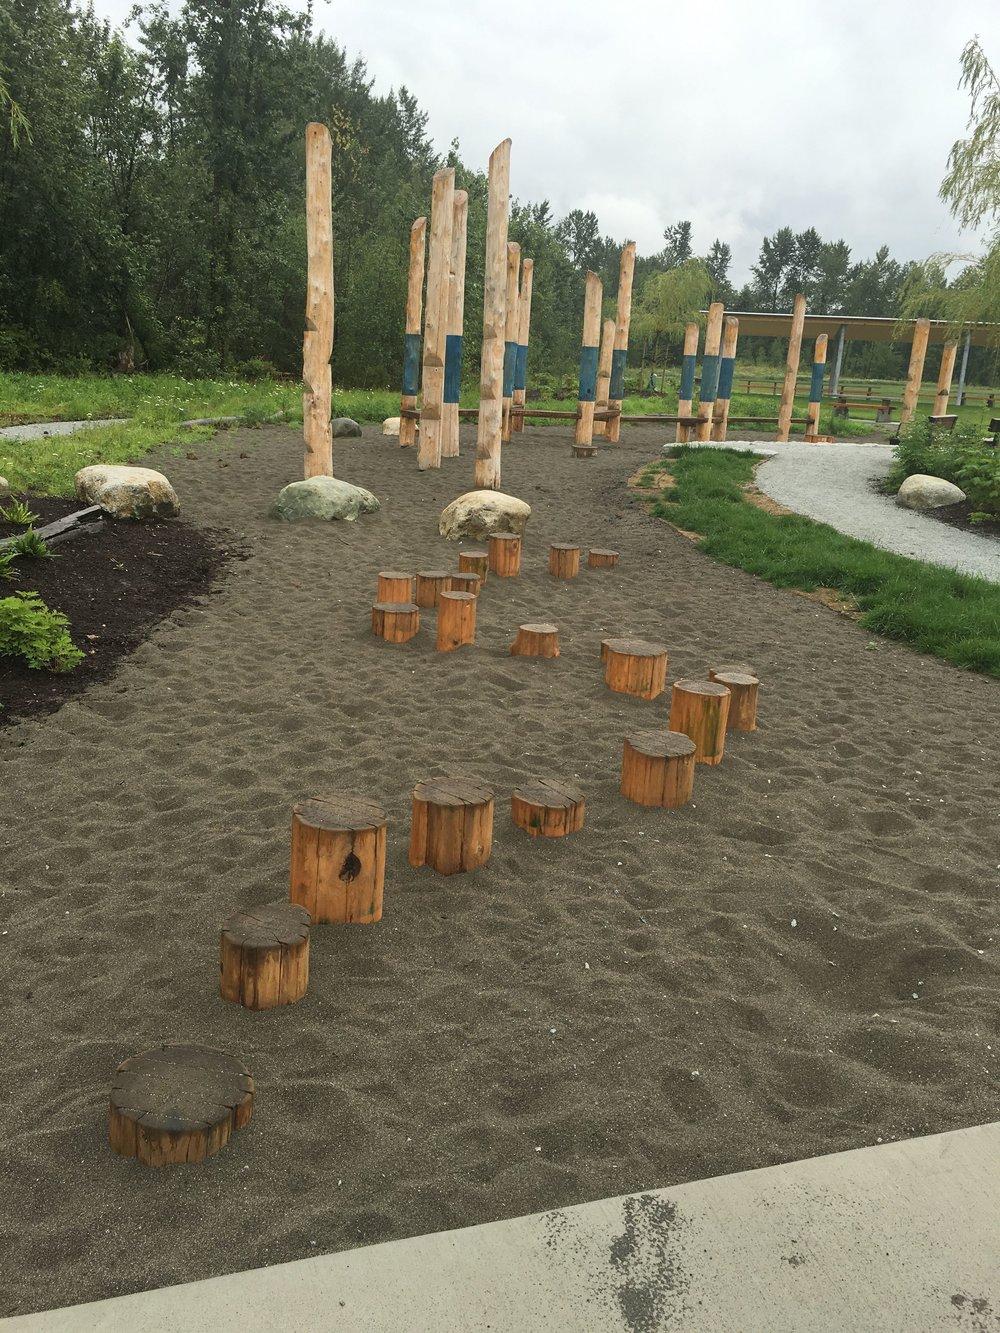 Surrey Bend playground